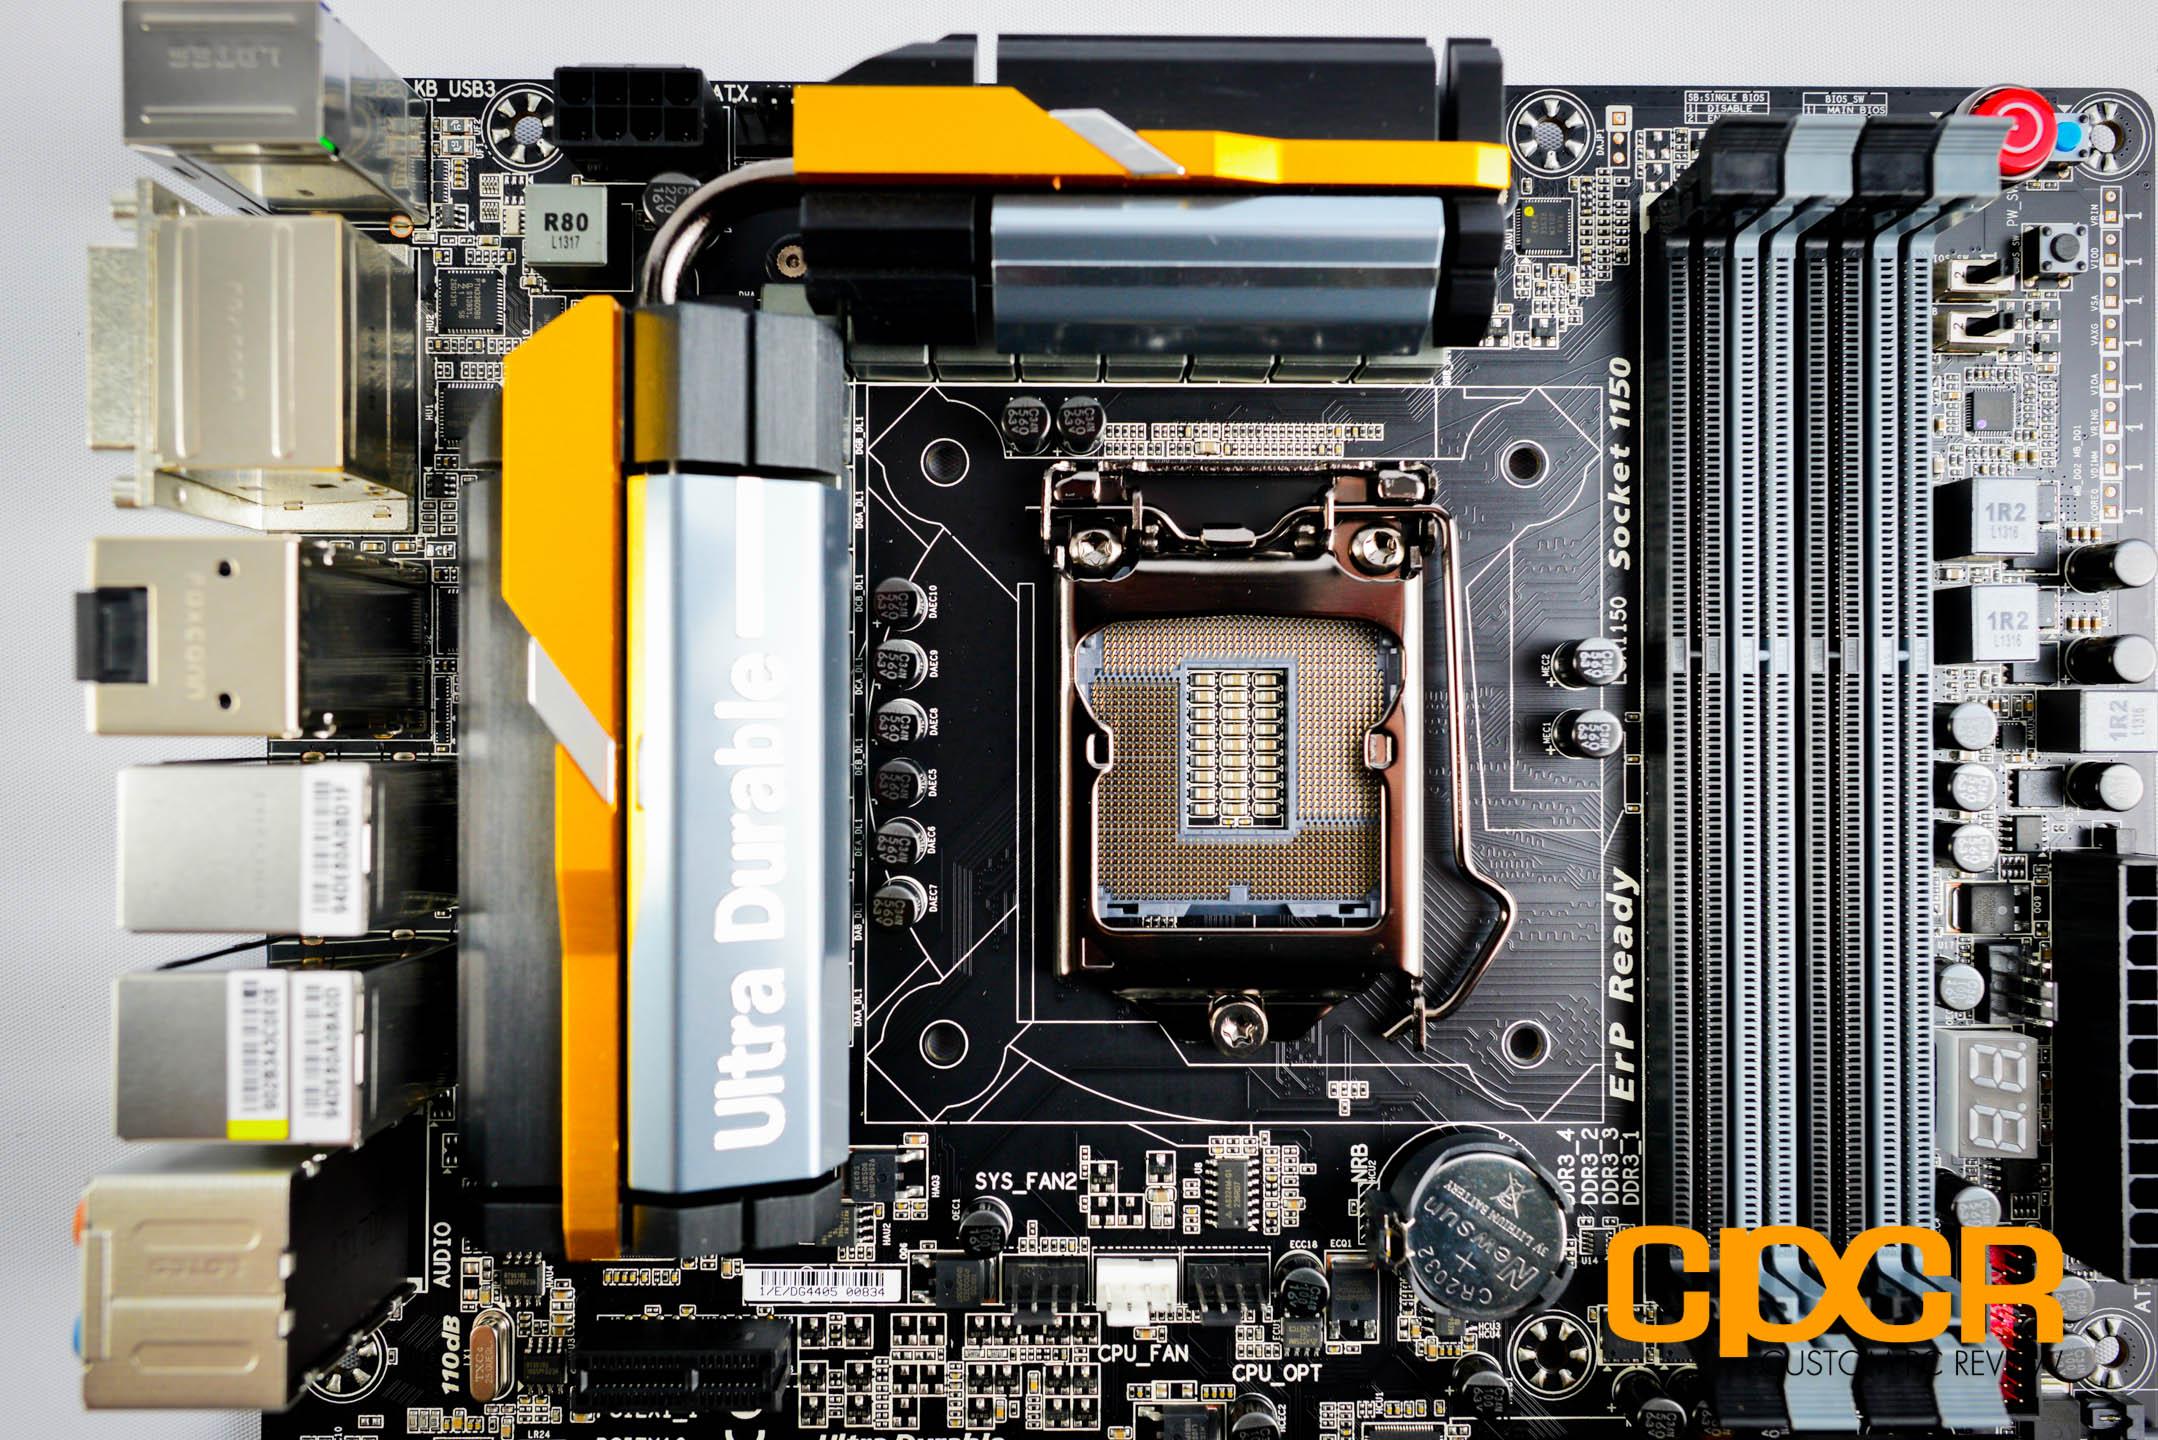 gigabyte-z87x-ud5h-lga-1150-motherboard-custom-pc-